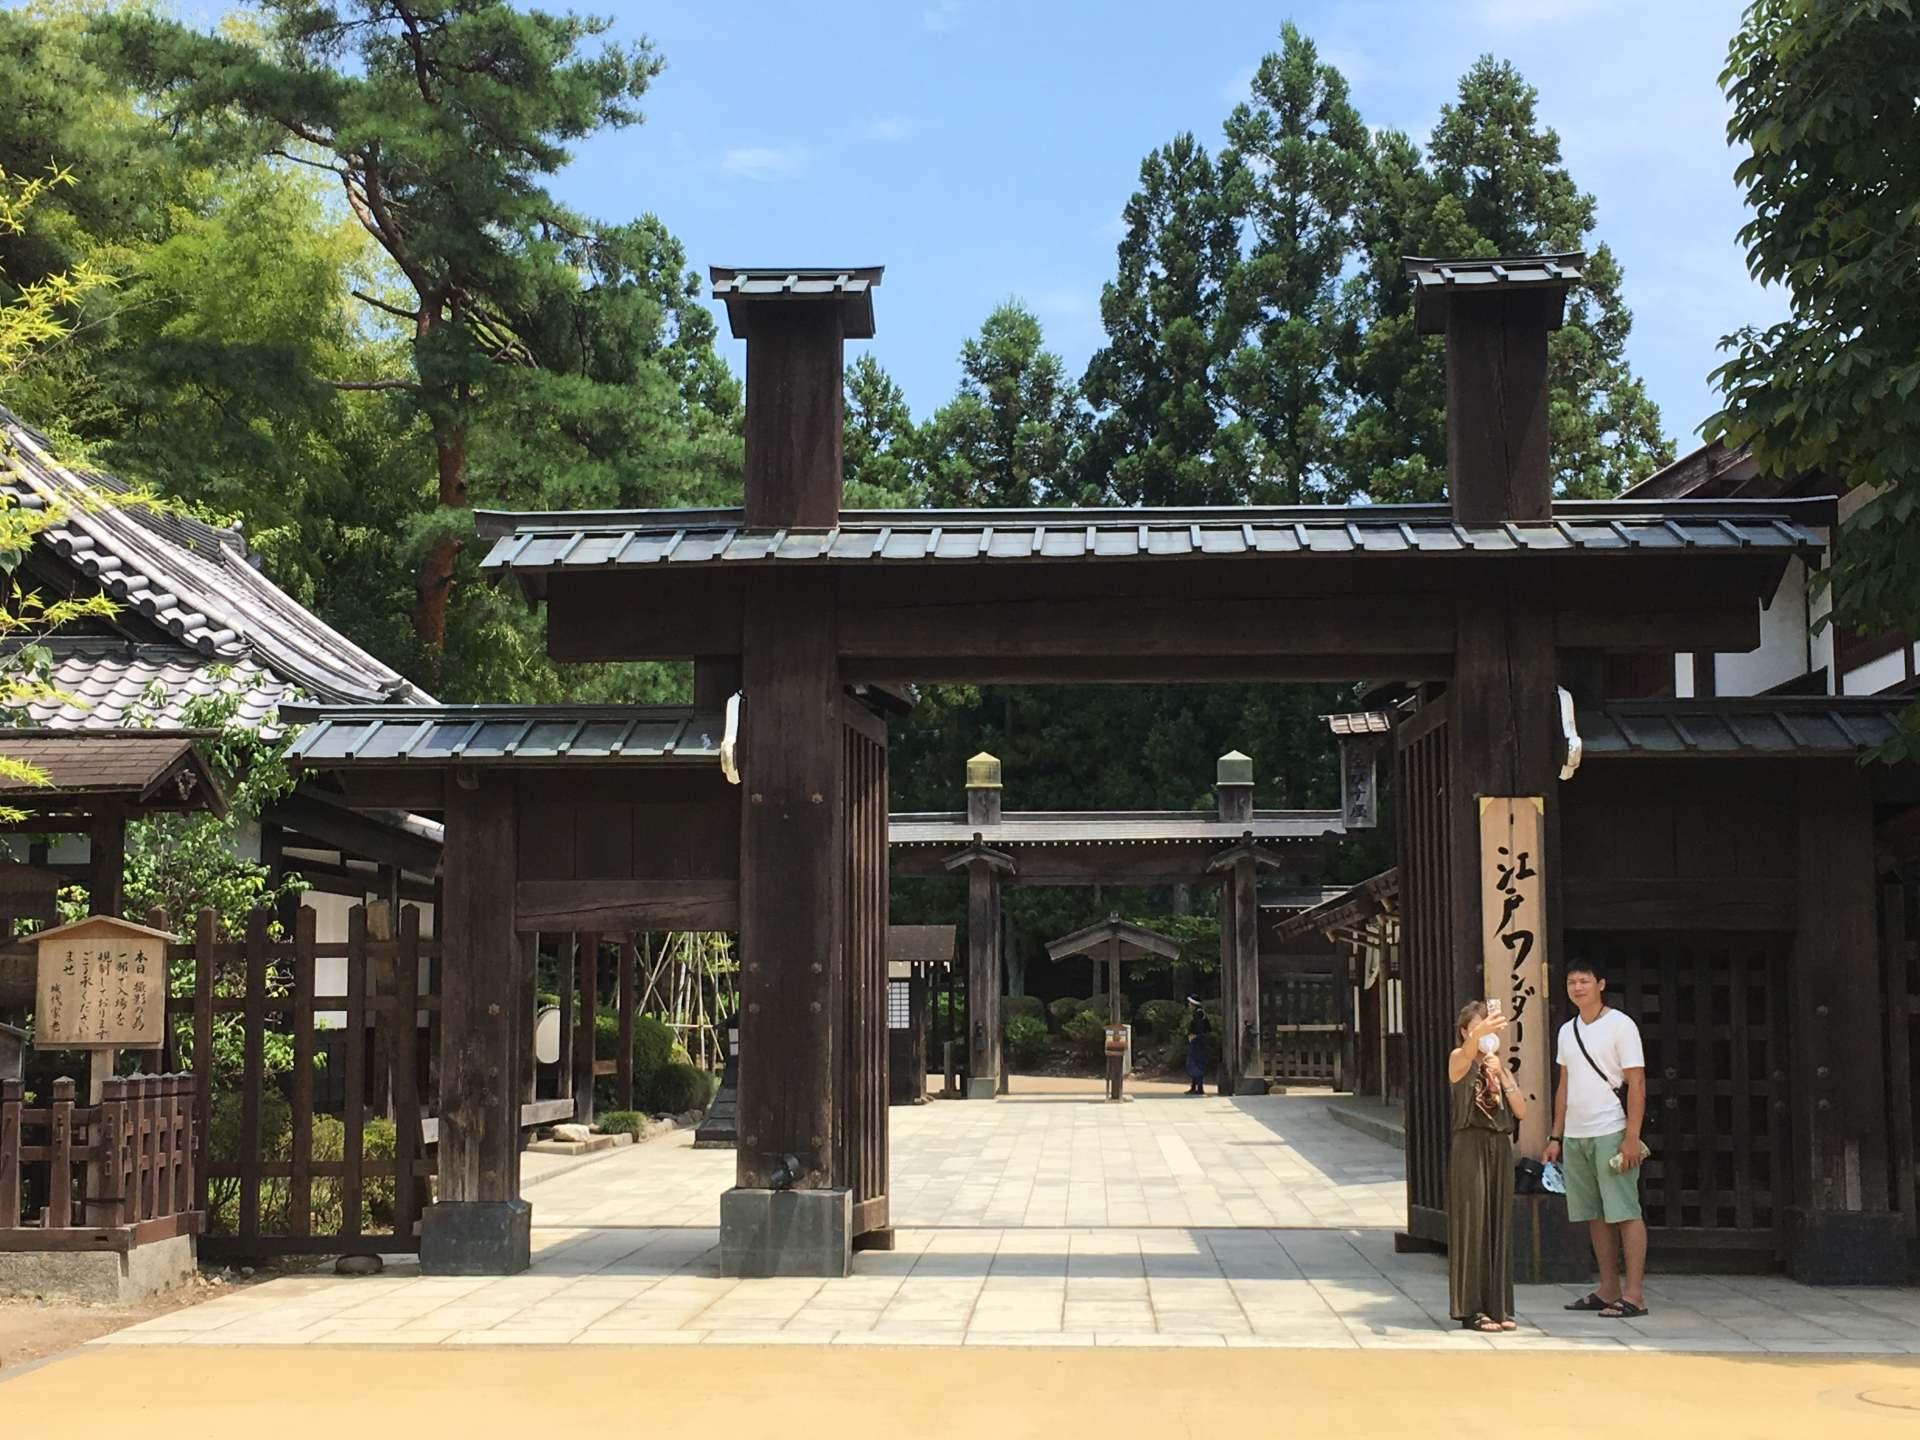 古代城門造型的入口處